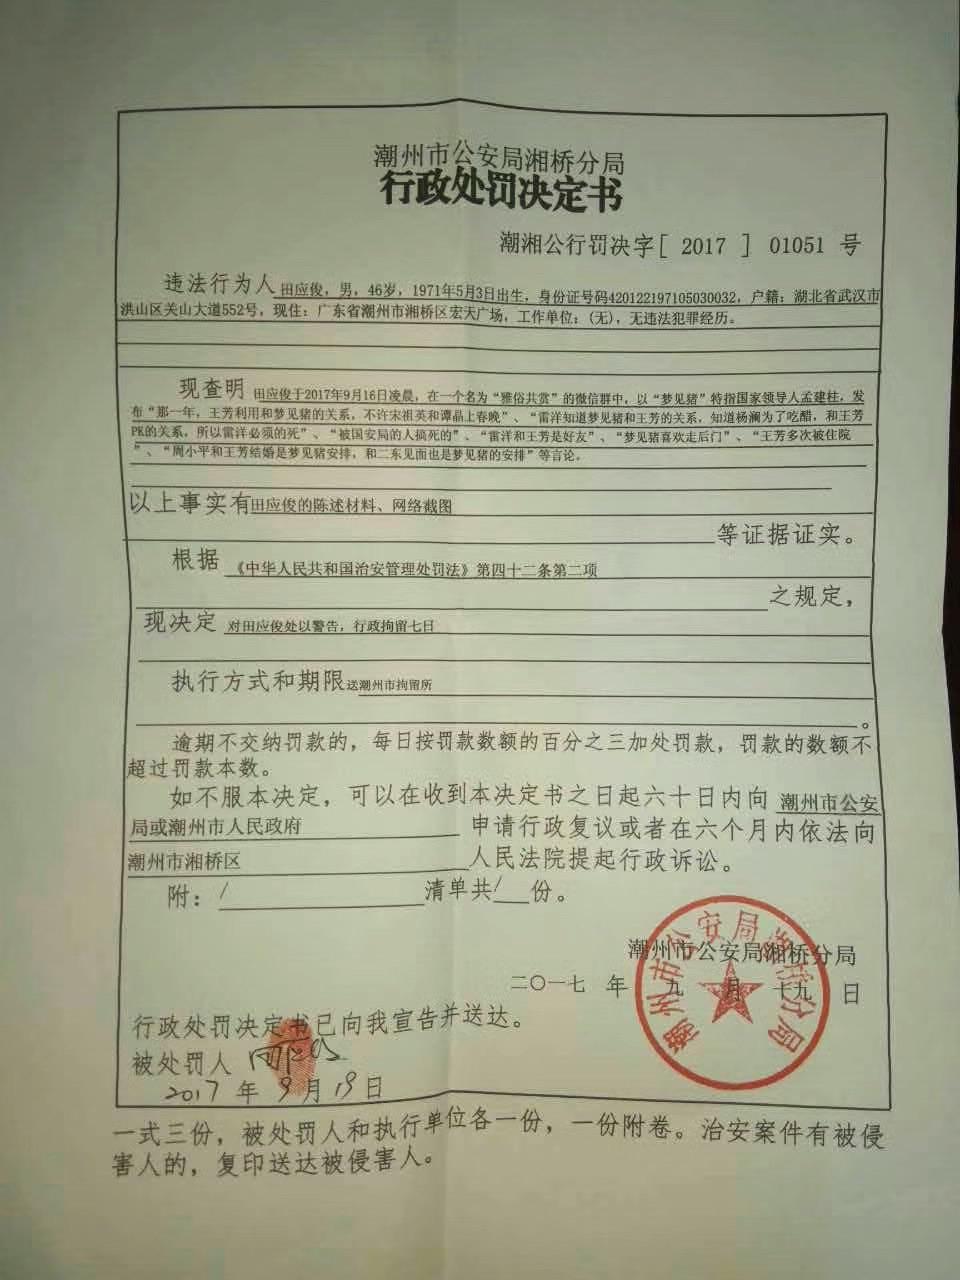 """【立此存照】网民微信调侃孟建柱被行拘 """"梦见猪""""成微博禁词"""